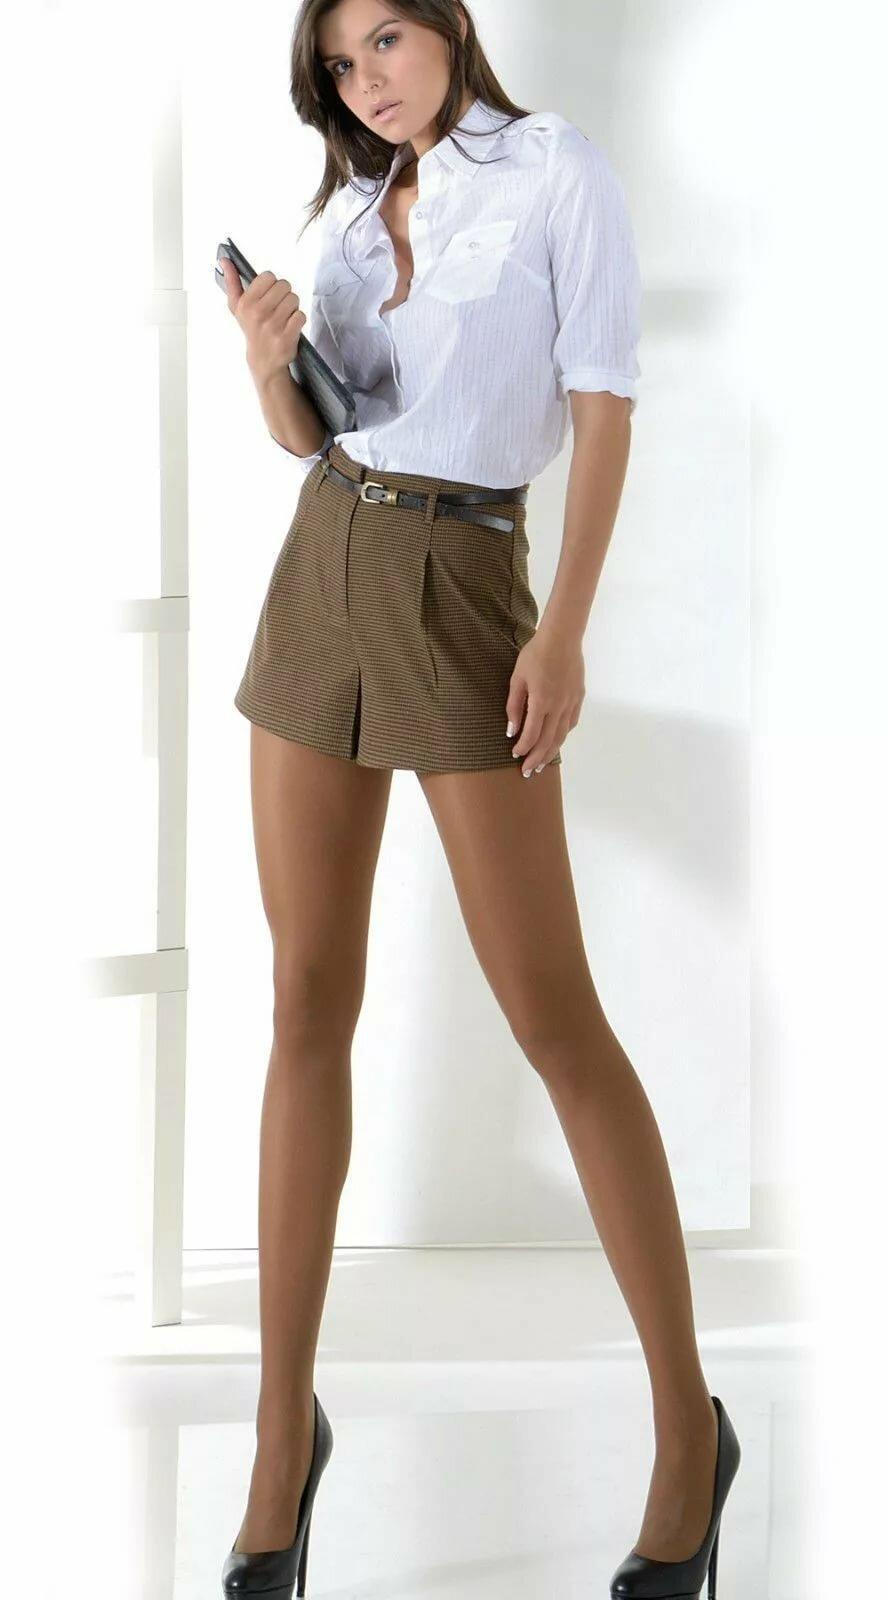 стройные ножки в классических брюках видео